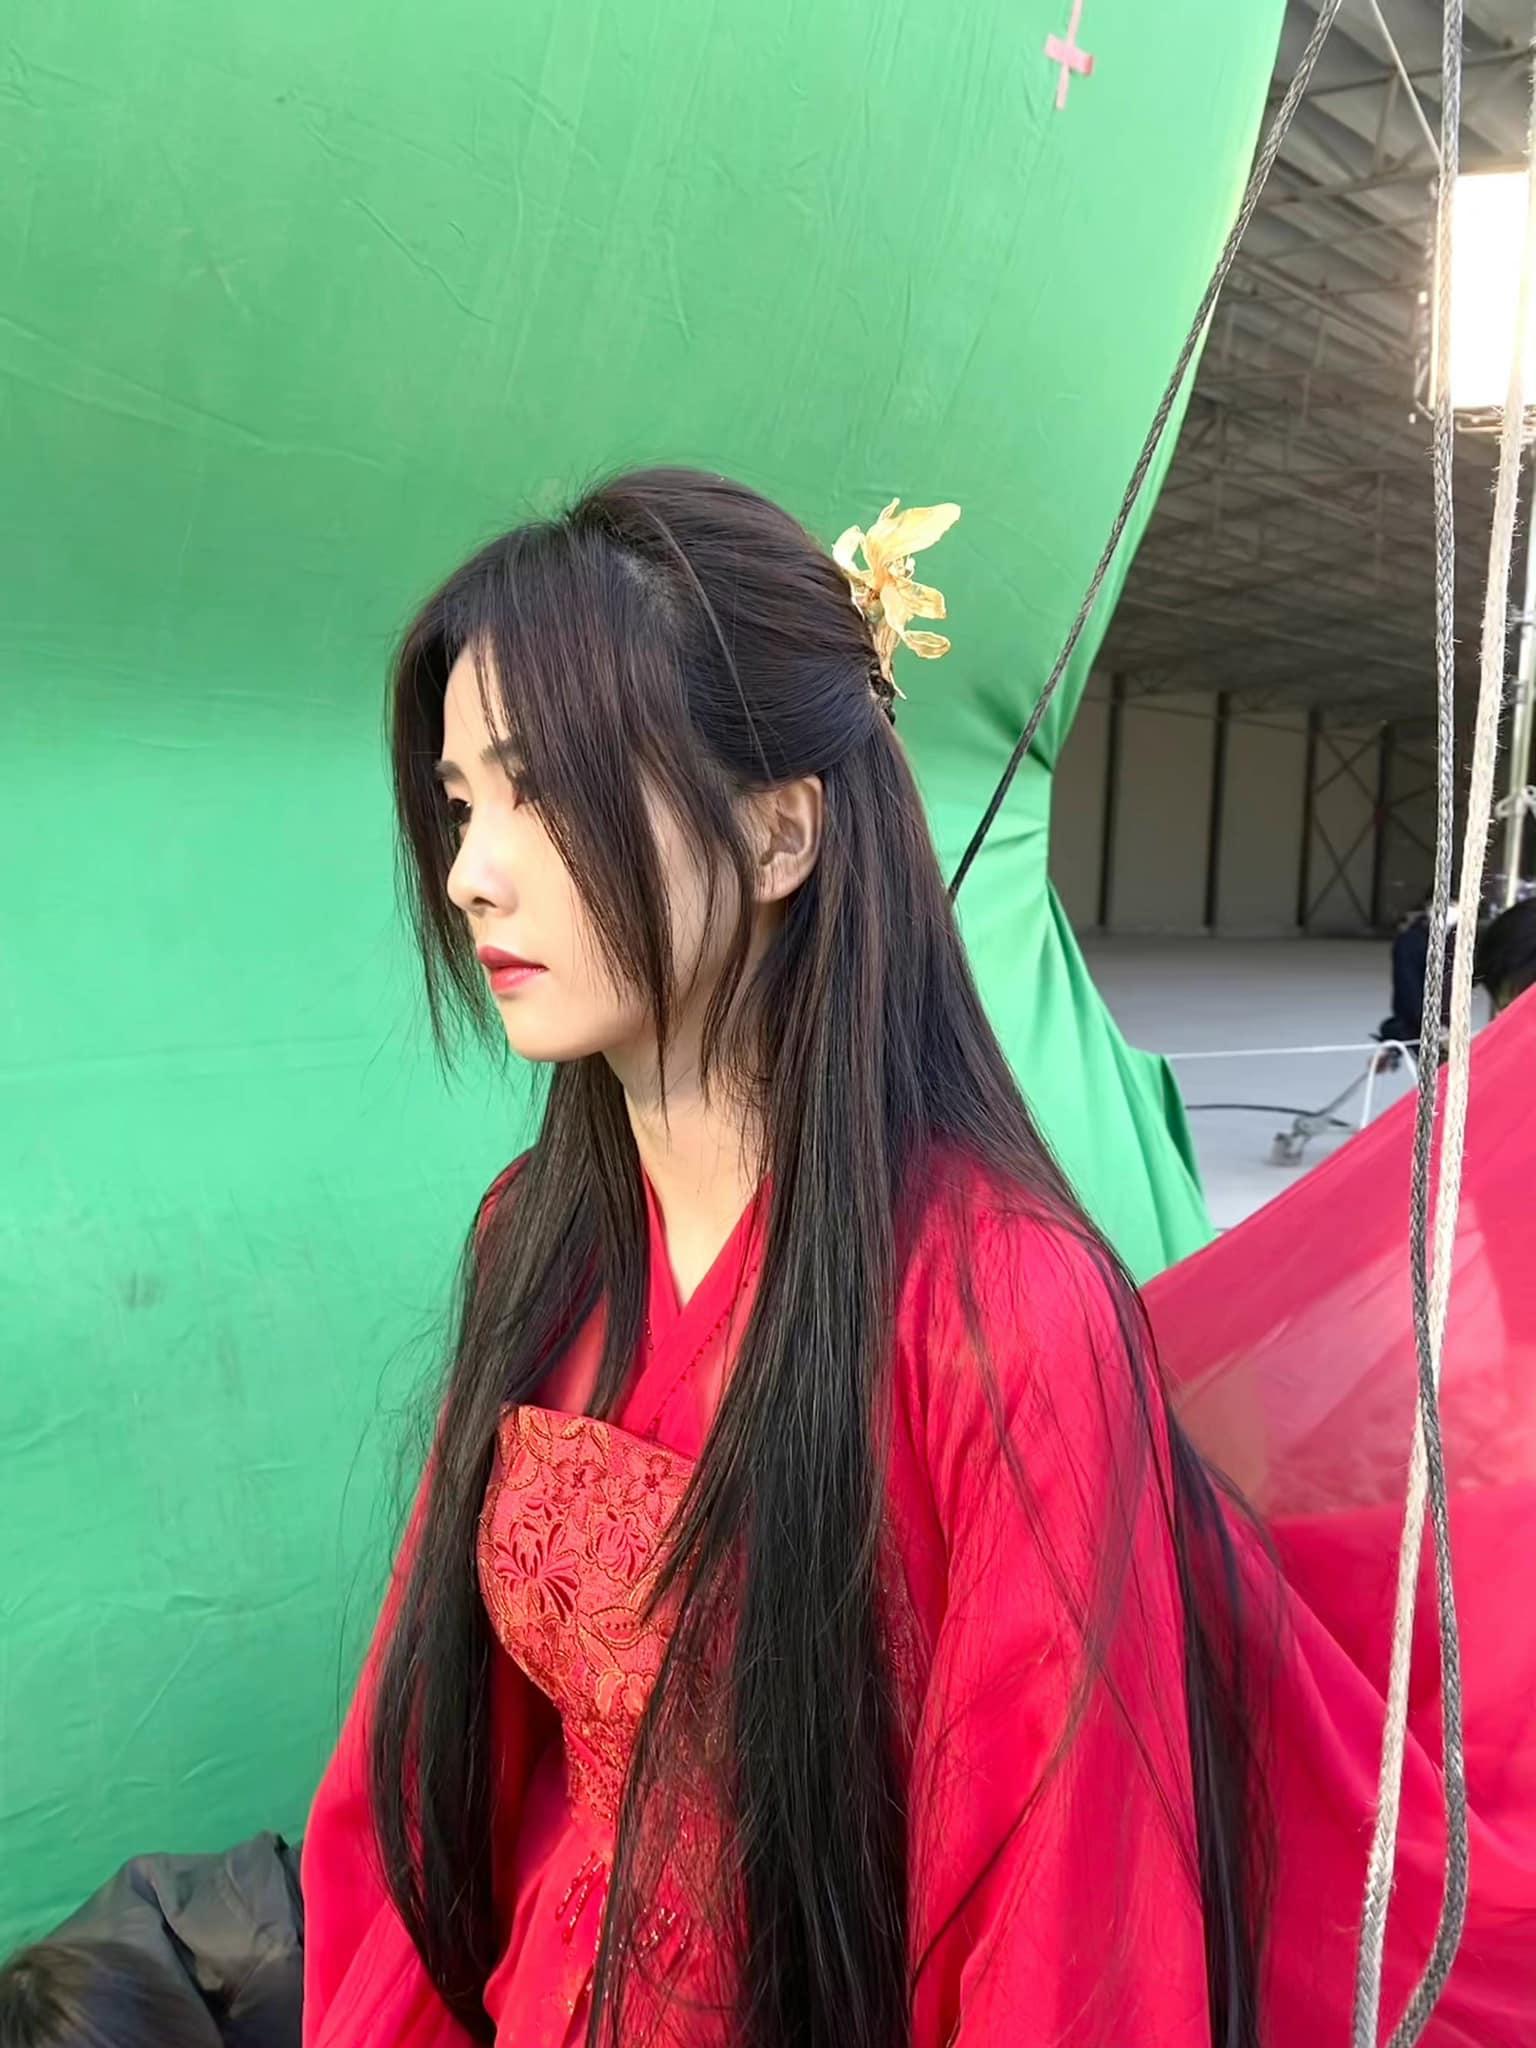 Loạt ảnh chứng minh Bạch Lộc là 'thánh nữ' hồng y thế hệ mới 6